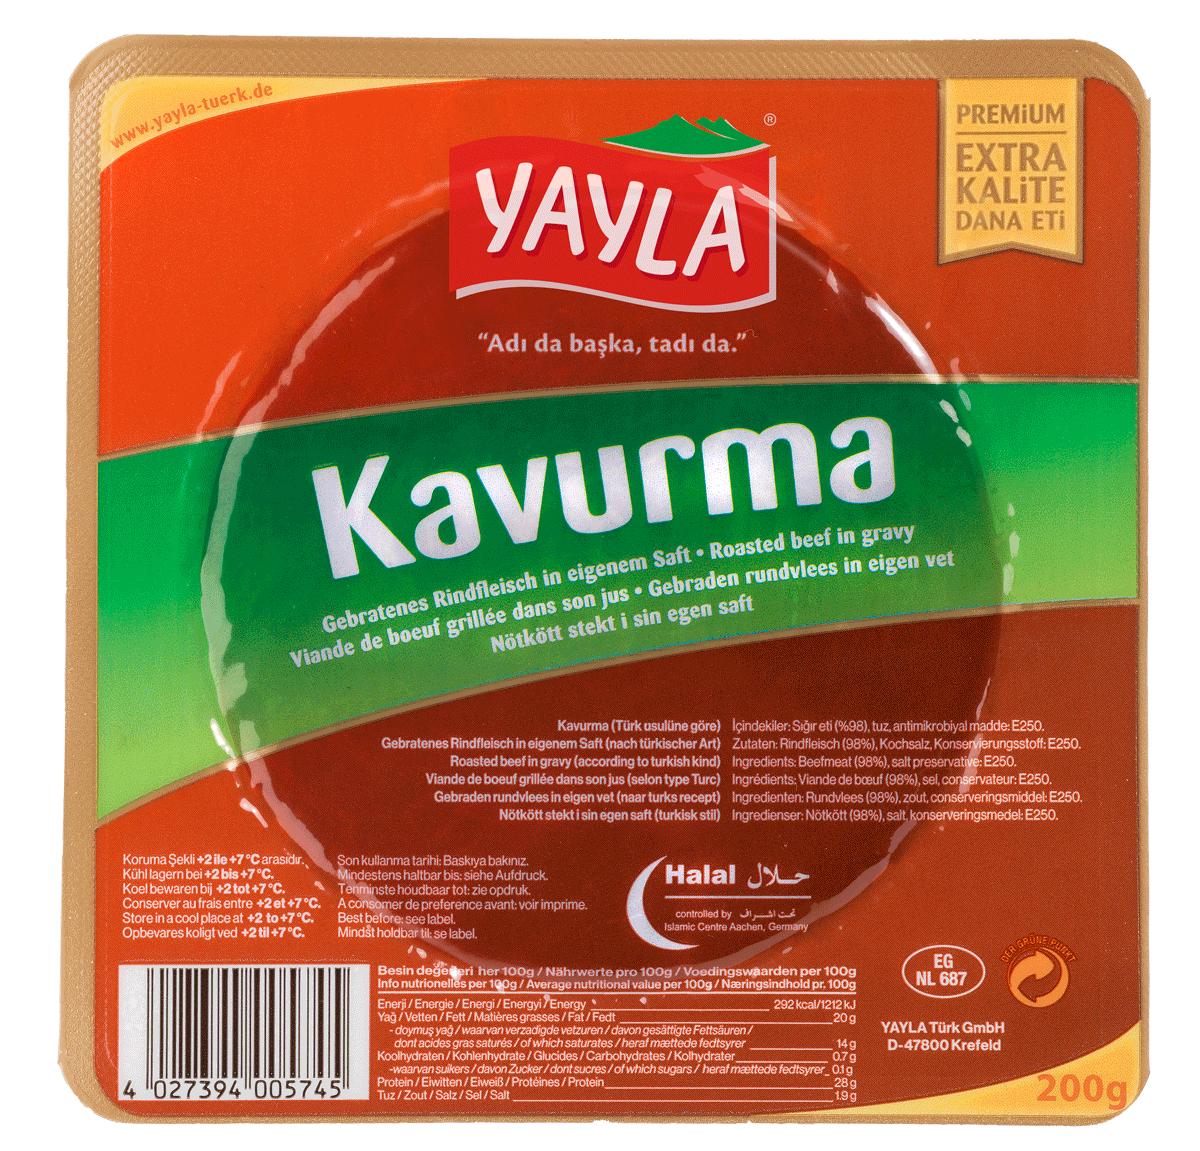 Yayla | Gebratenes Rindfleisch im eigenen Saft